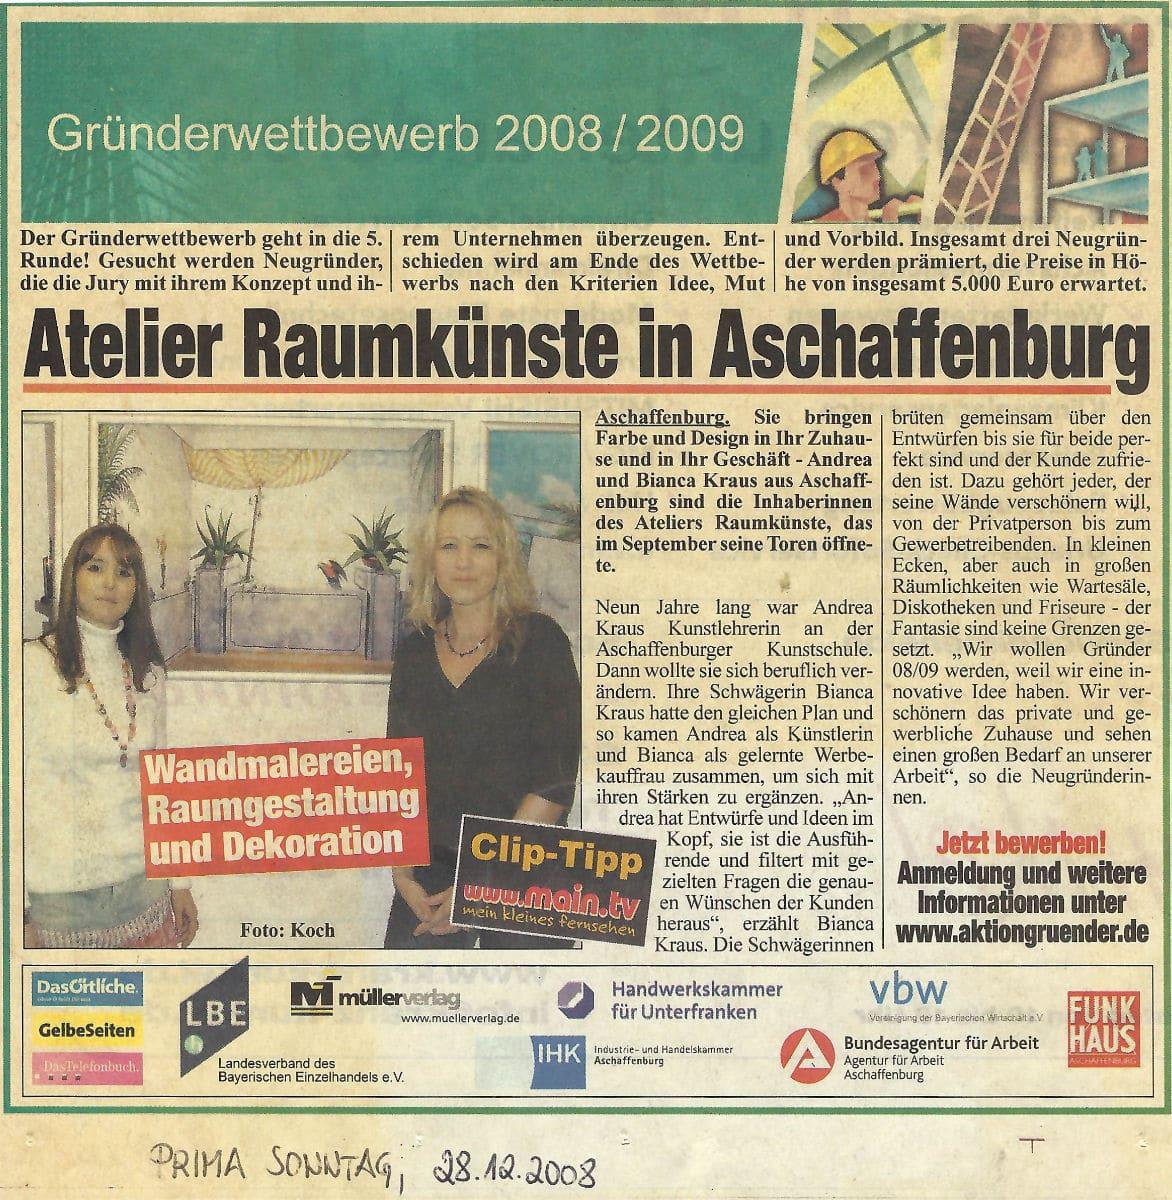 Gründerwettbewerb Funkhaus Aschaffenburg - Portrait von Andrea Kraus (2008)